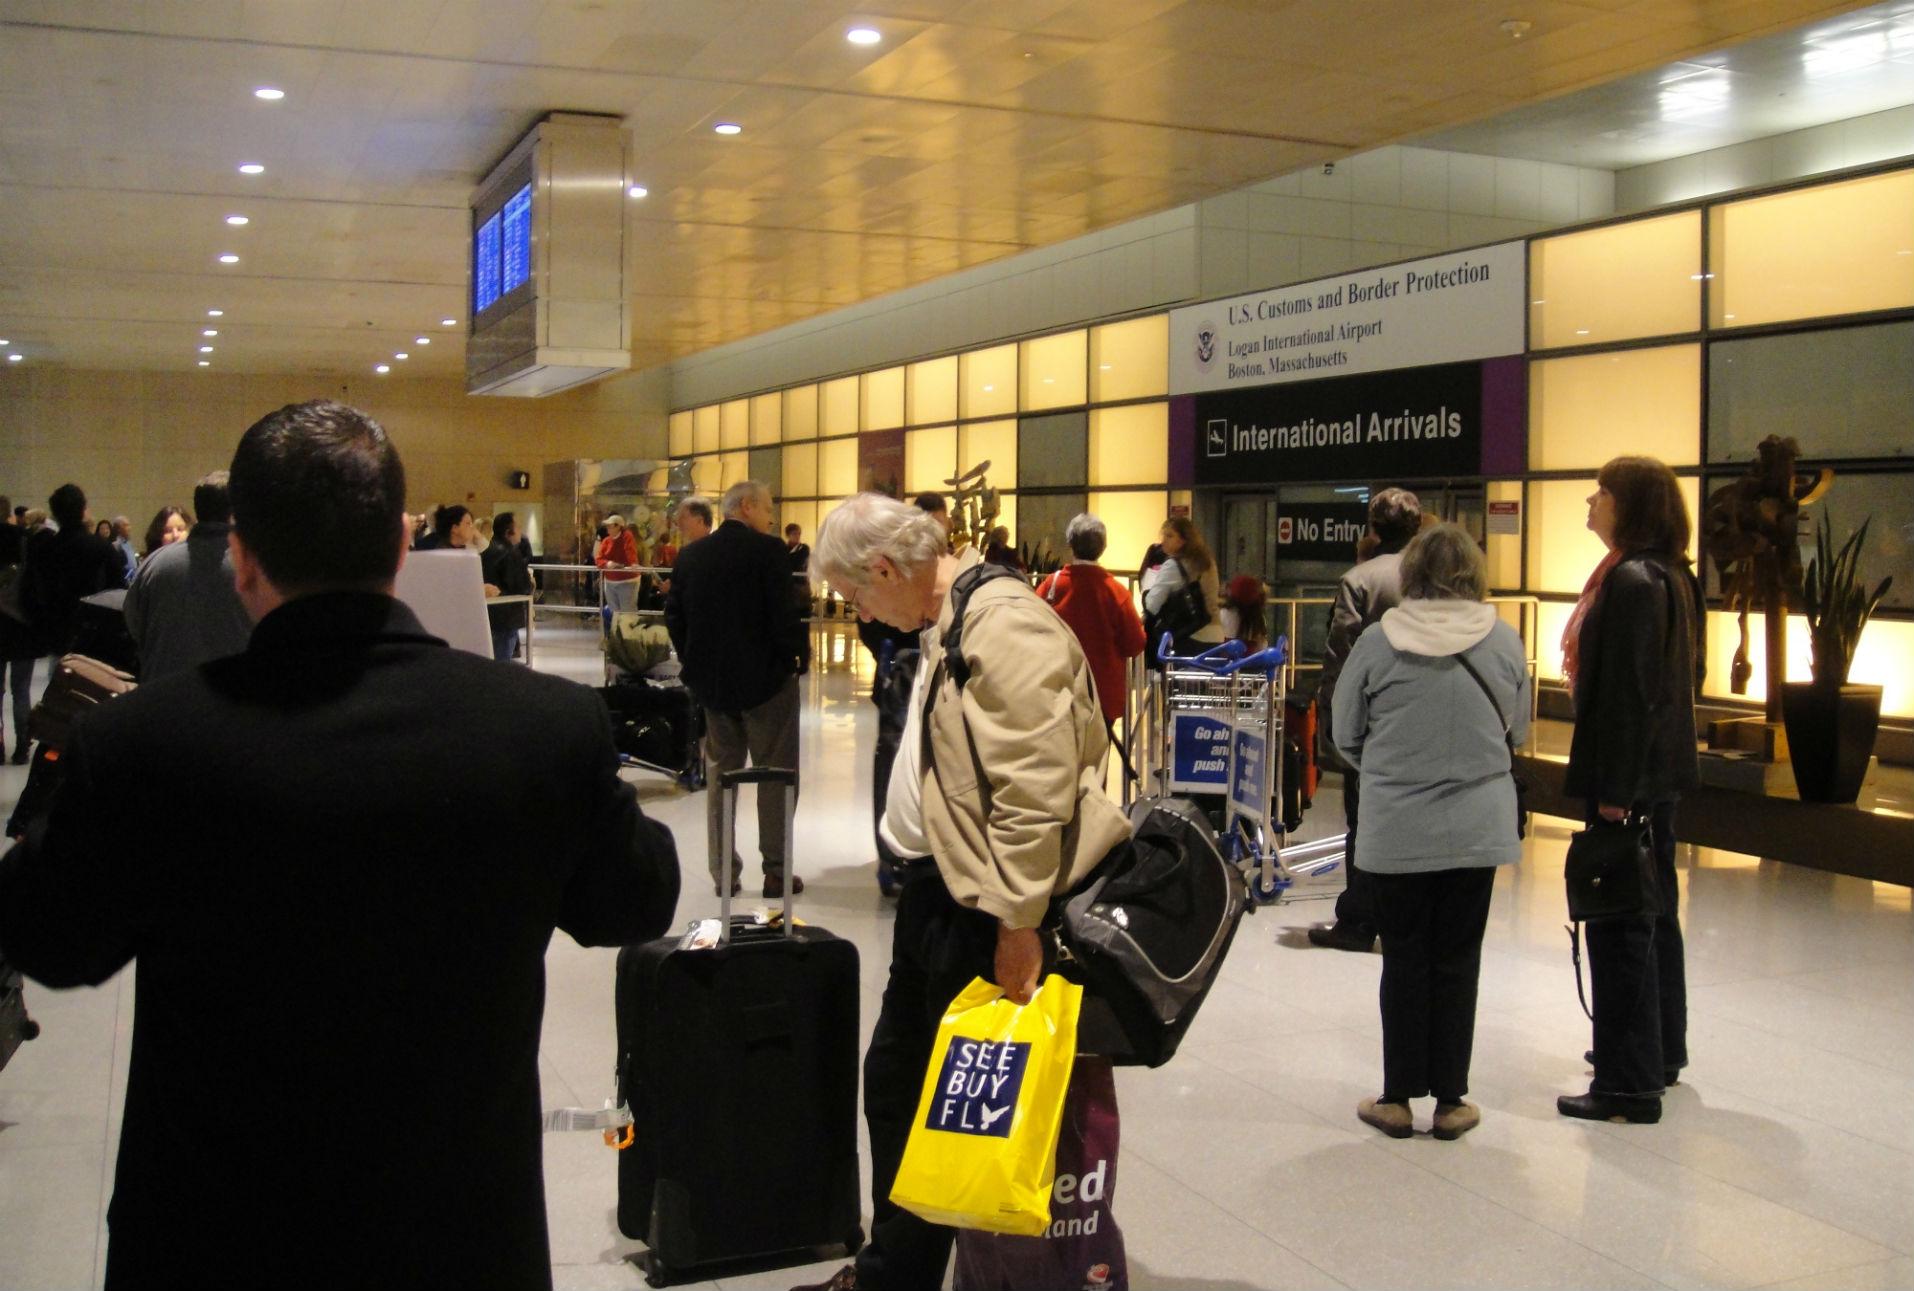 Estados Unidos busca crear registros biométricos para aeropuertos